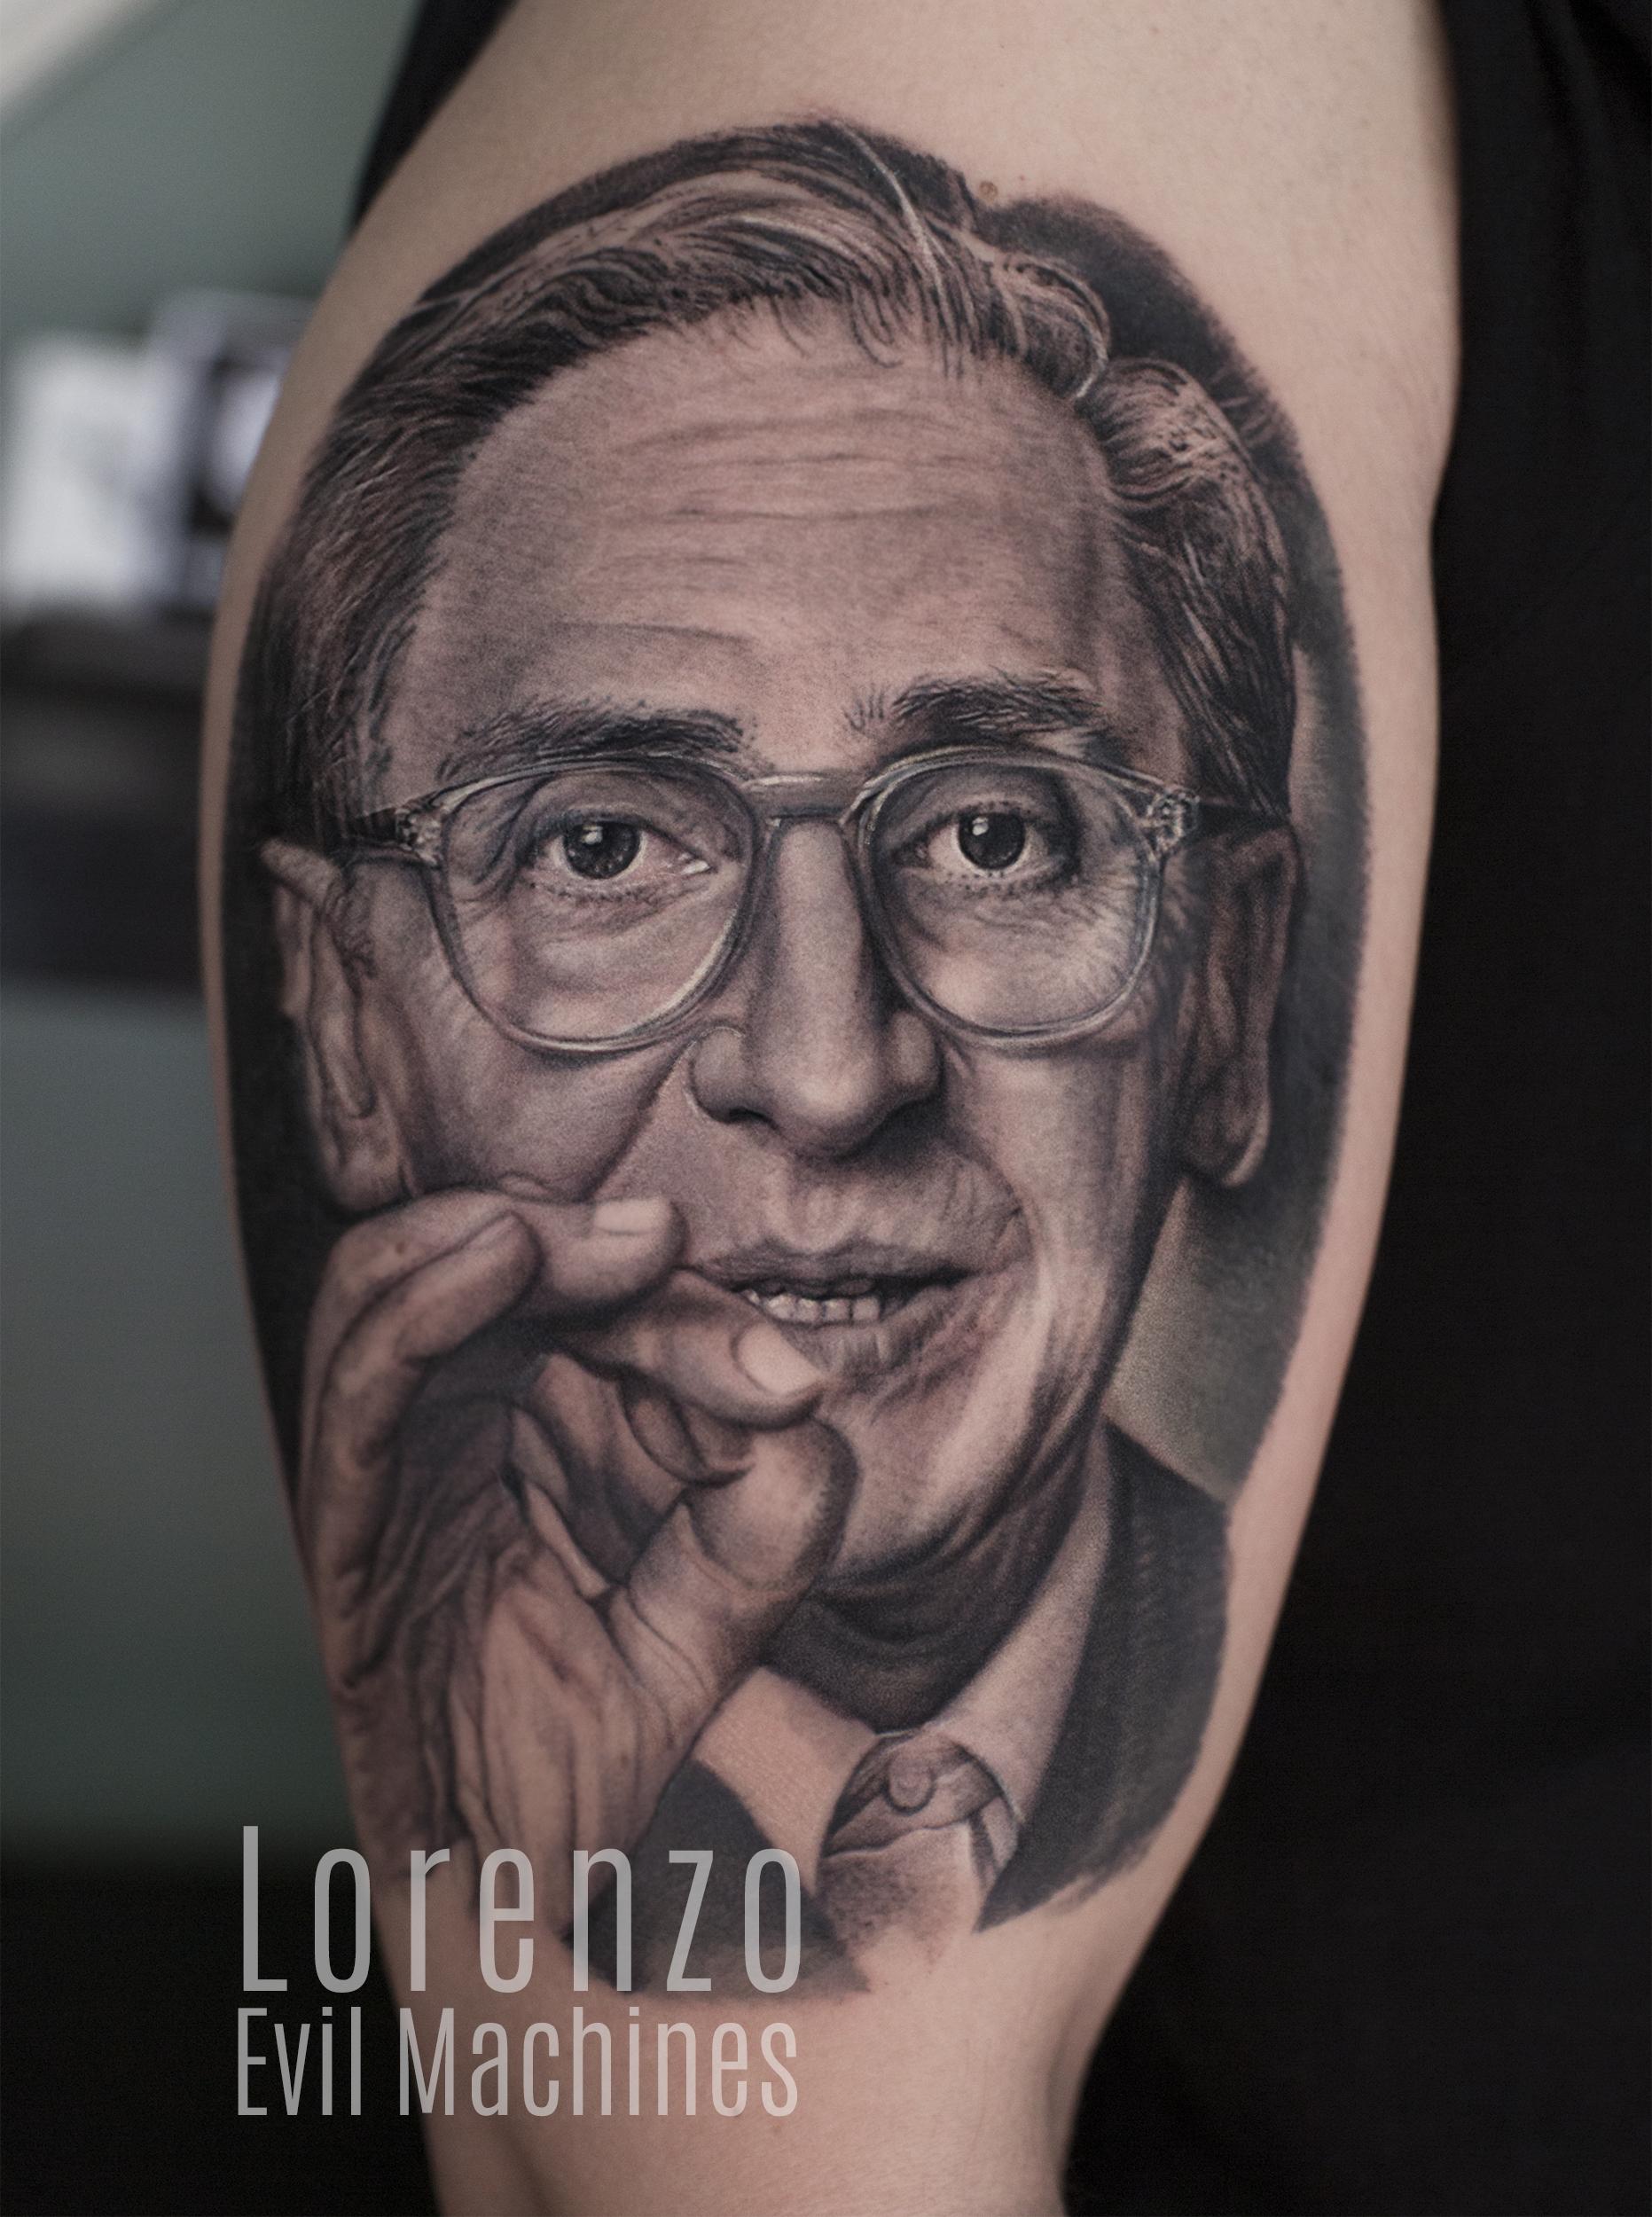 Battiato_Franco_ritratto_addio_la_cura_Lorenzo_tatuatore_Evil_Machines_realistic_tattoo_tatuaggi_realistici_3d_Roma_miglior_migliore_portrait_musica_firma